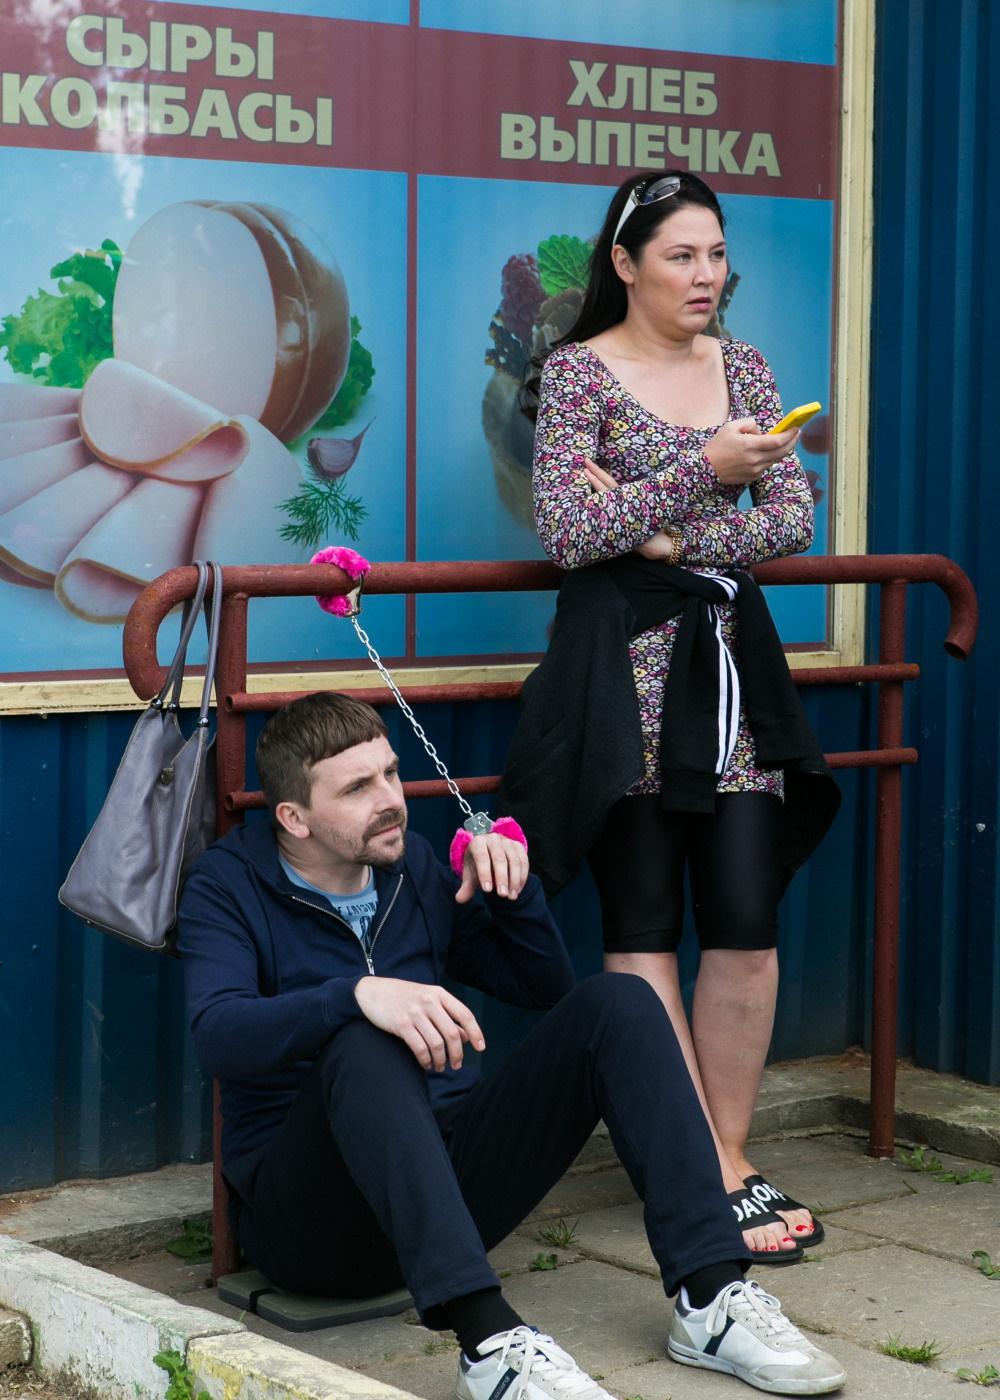 Мнение опервых сериях «Патриота»— новой комедии ТНТ о бывшем спецназовце в маленьком городе | Канобу - Изображение 327